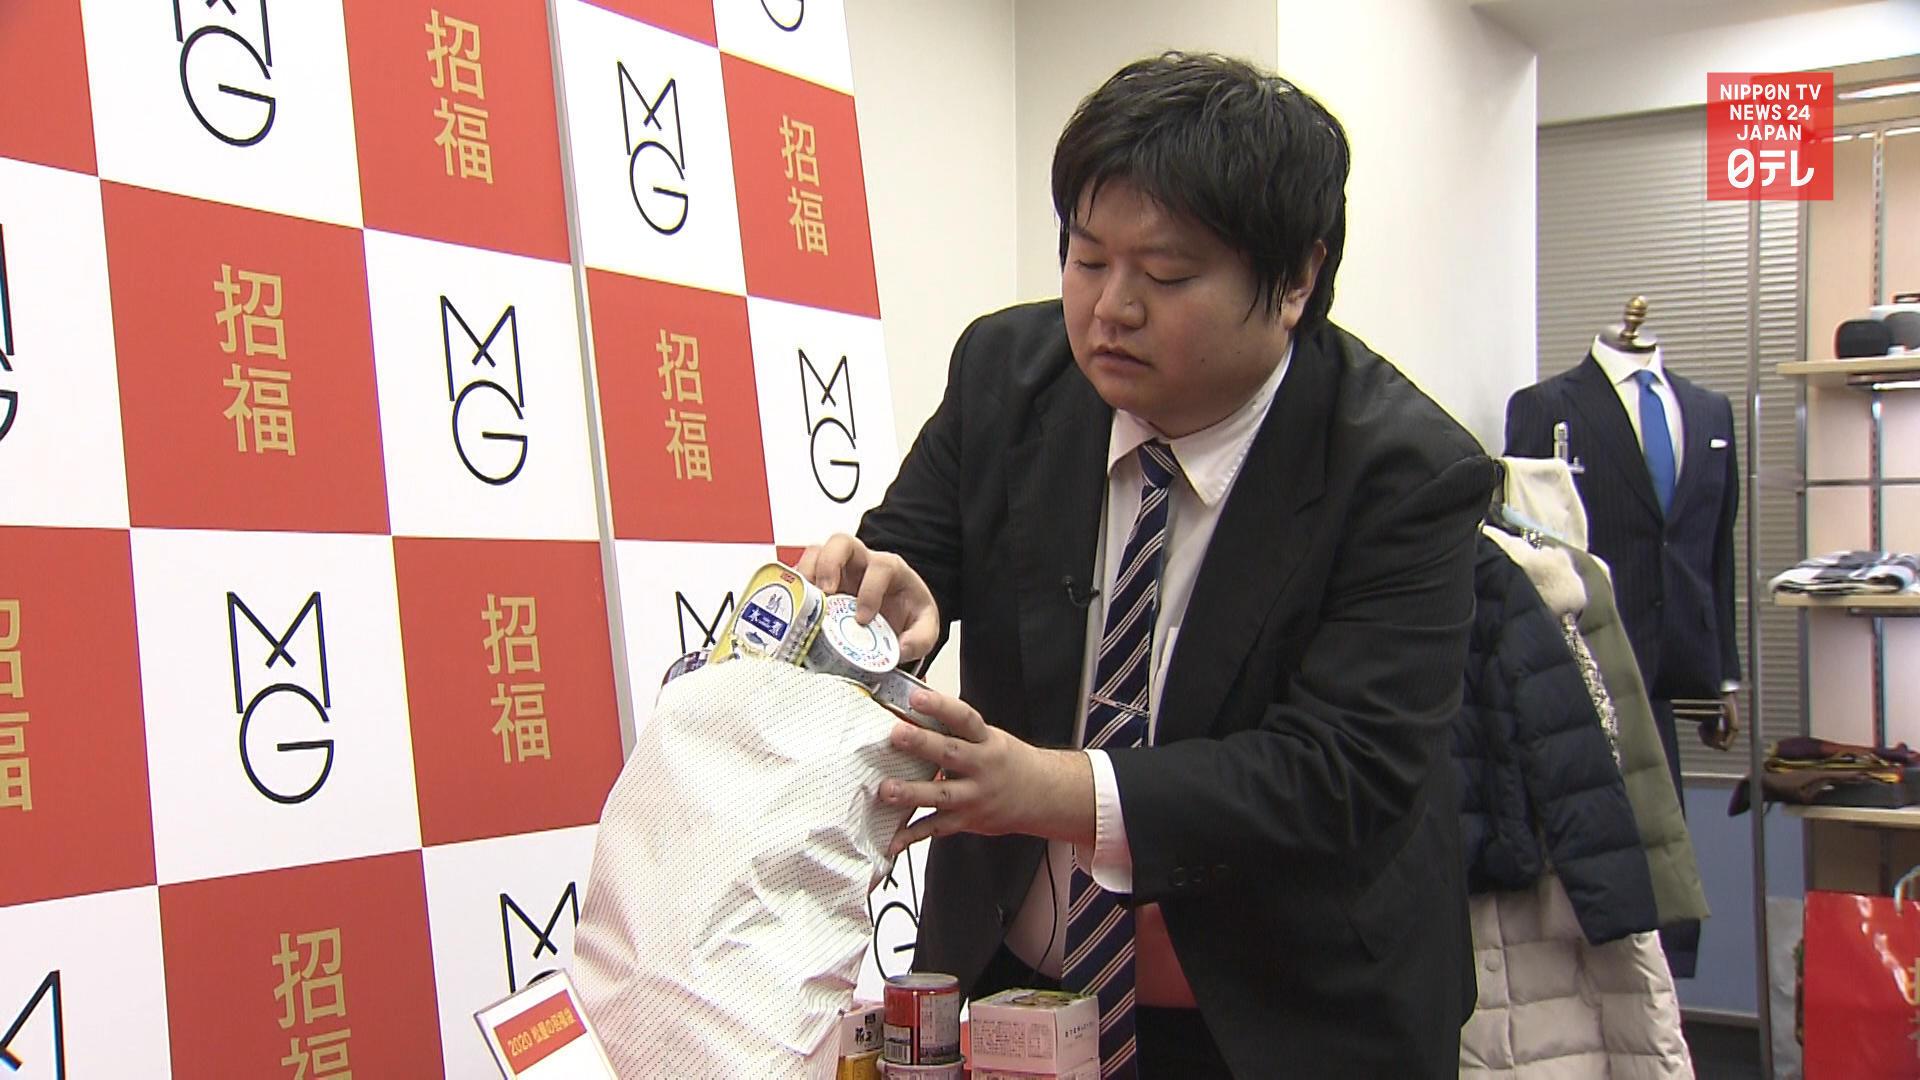 Matsuya's new lucky bags